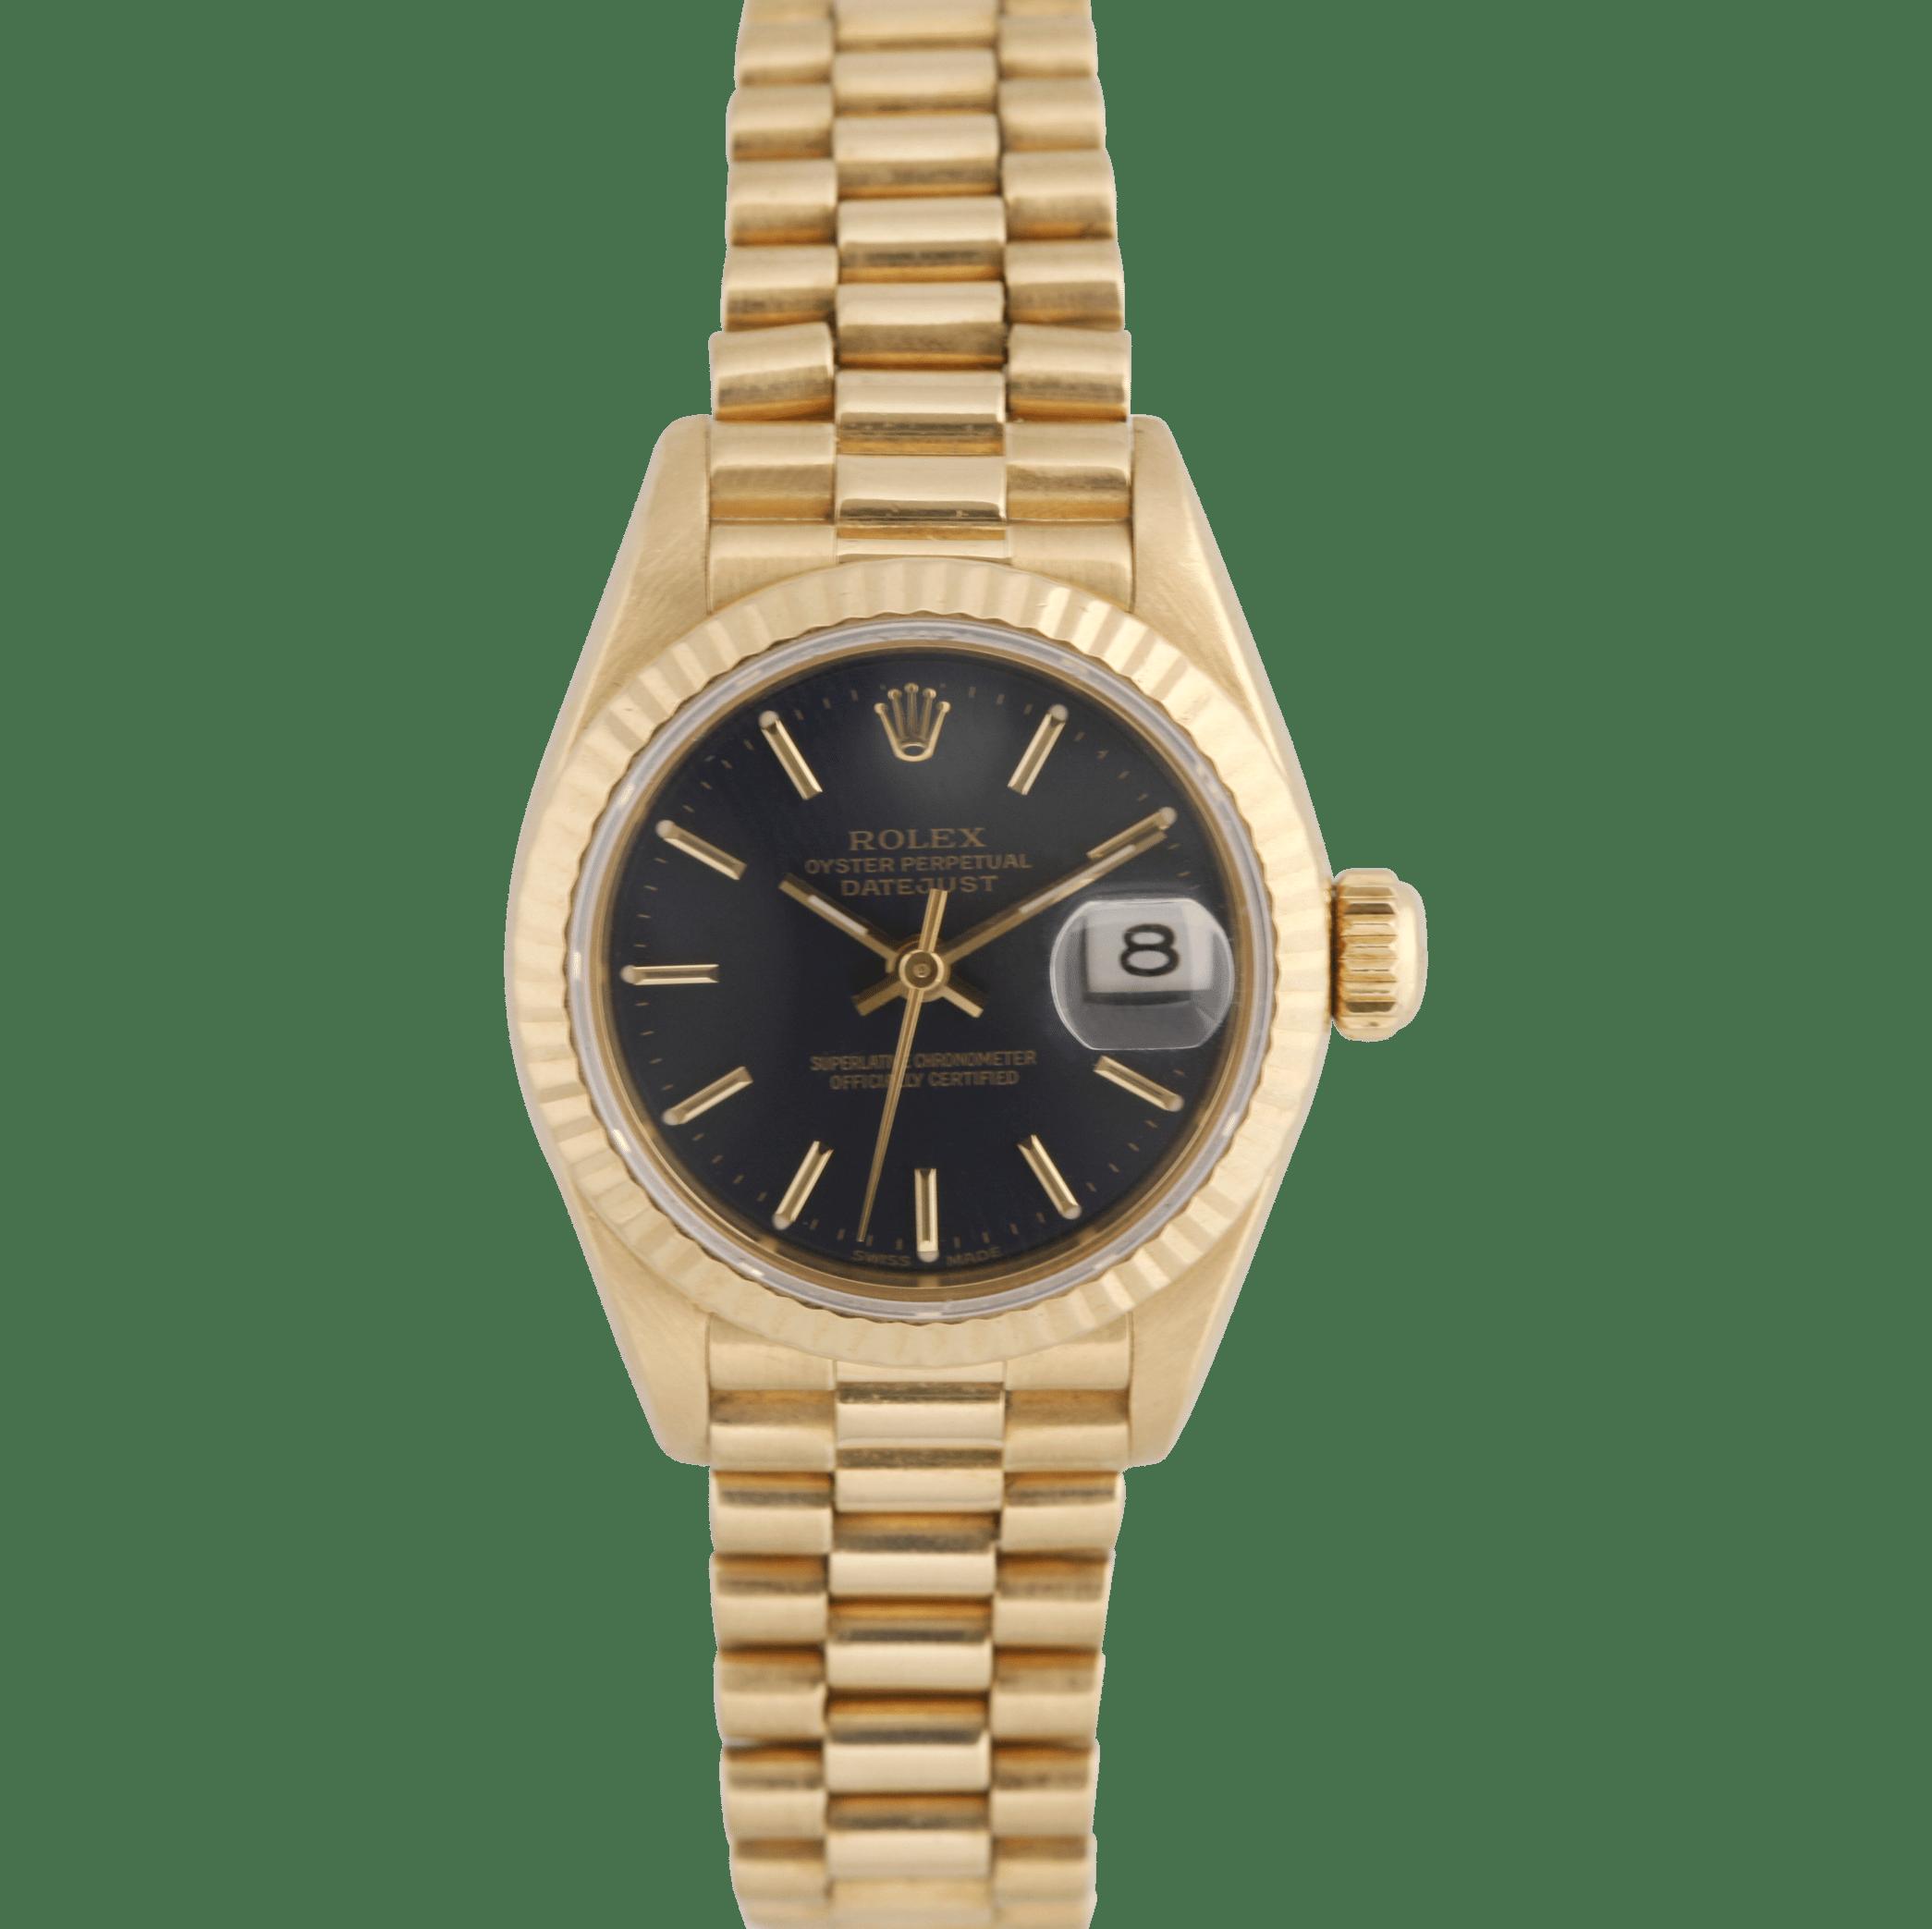 Rolex datejust horloge verkopen is mogelijk bij wijverkopendathorloge.nl